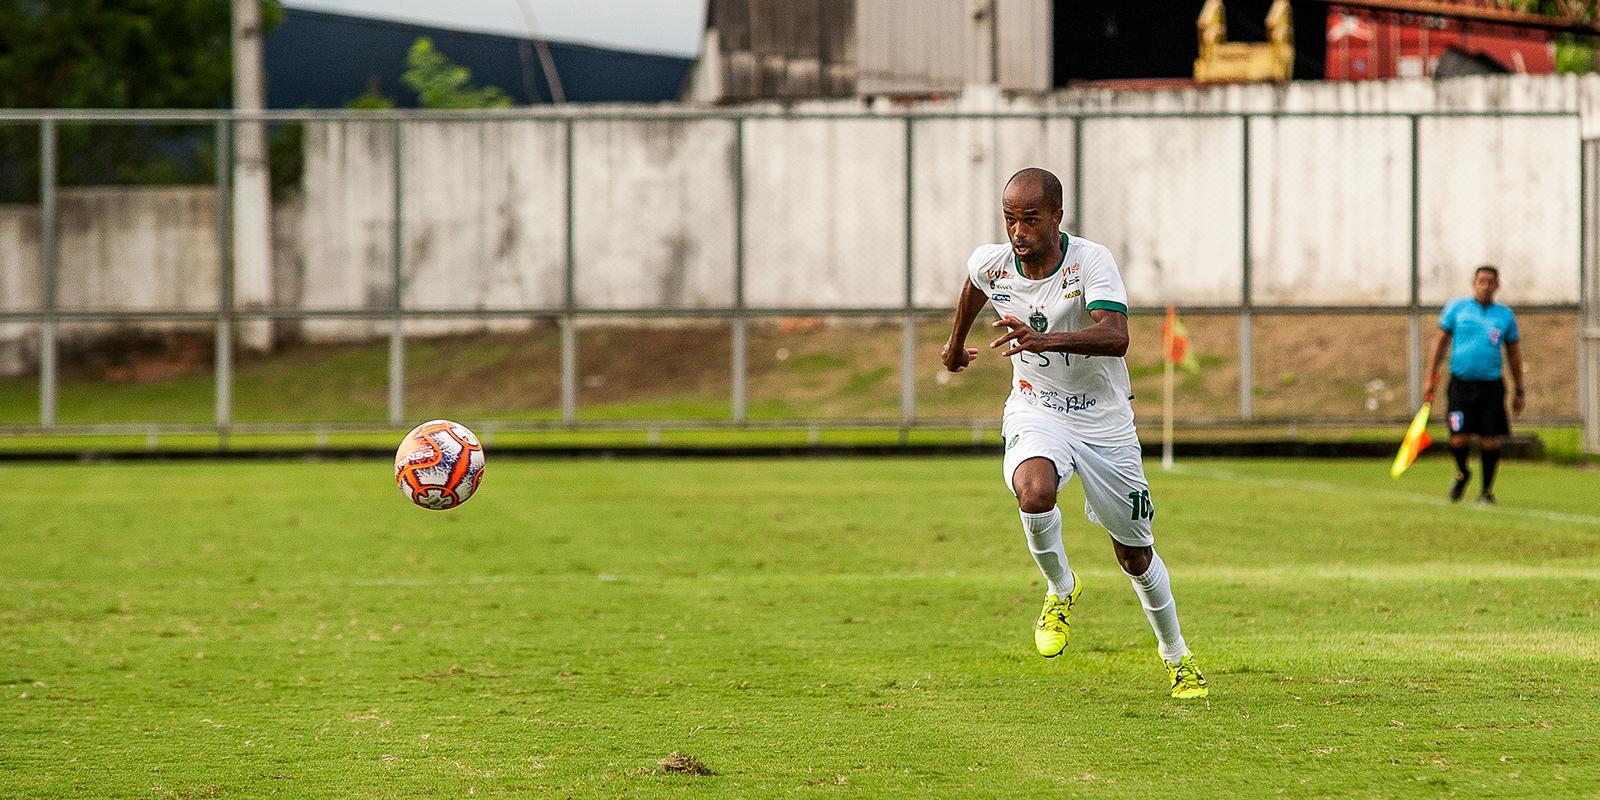 Manaus FC x Vila Nova: inicia venda de ingressos em pontos físicos